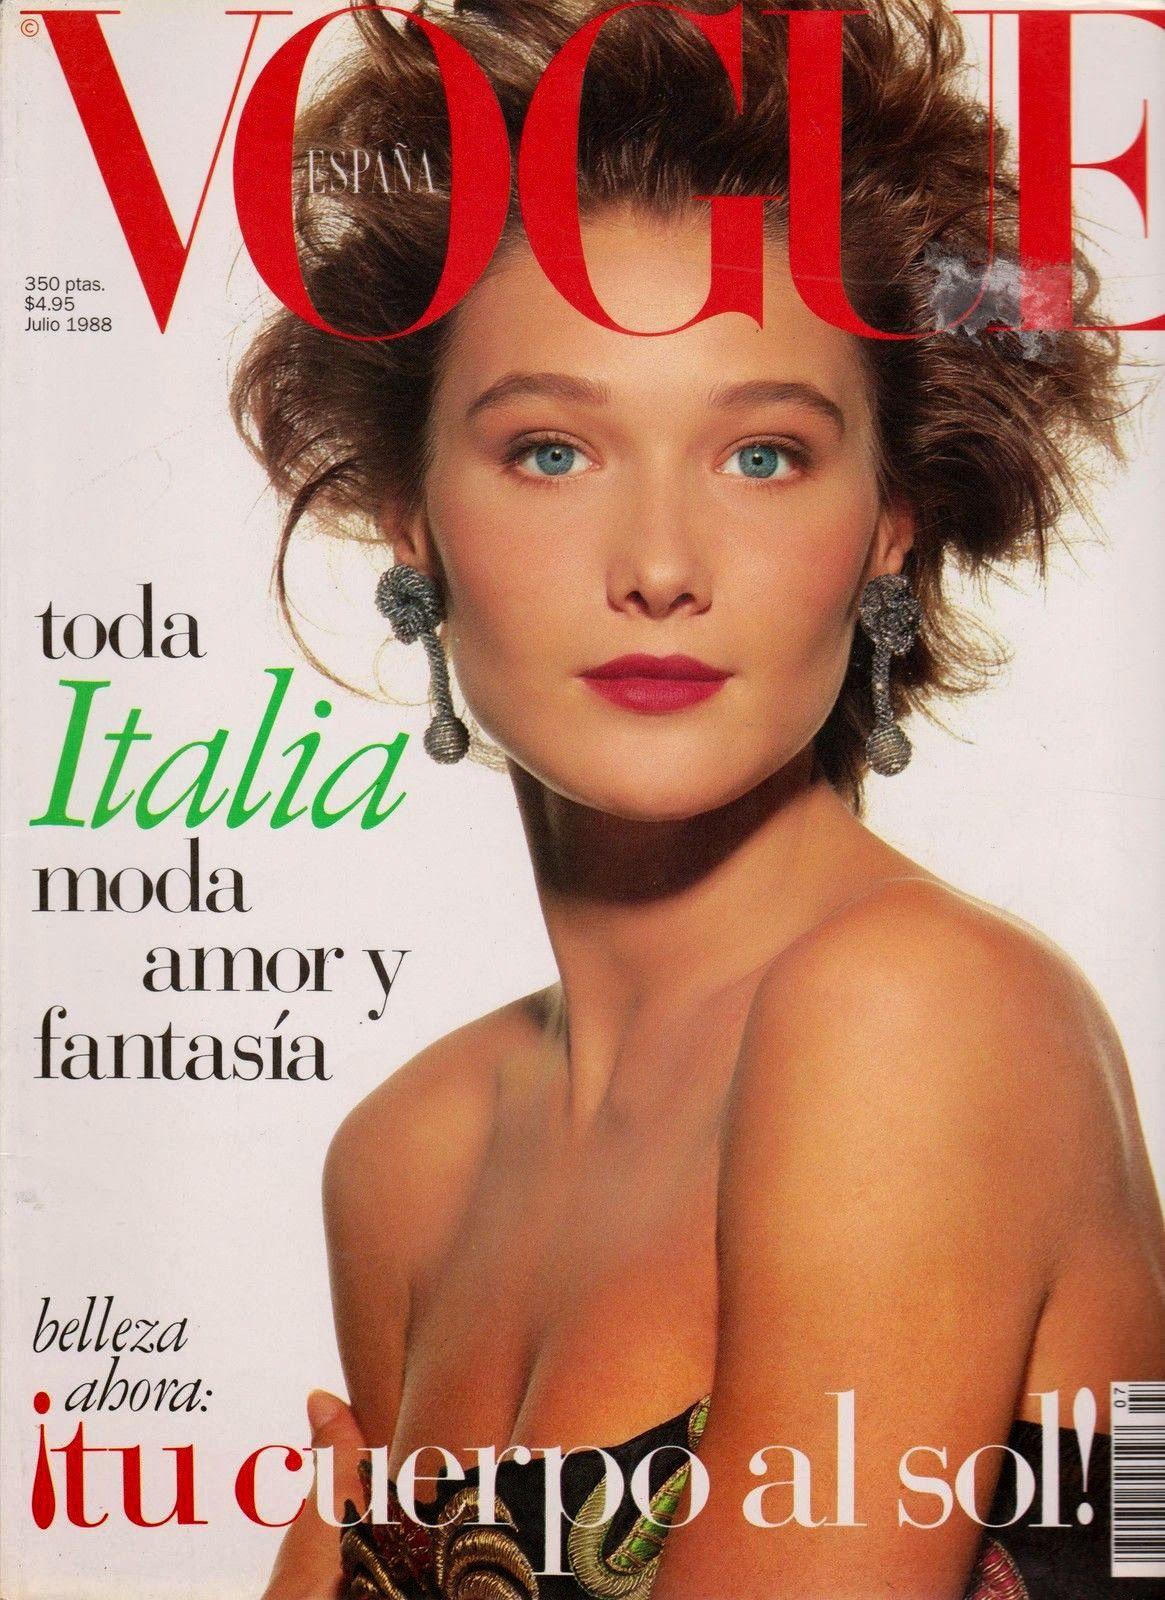 Carla Bruni Vogue Spain July 1988 Carla bruni, Vogue